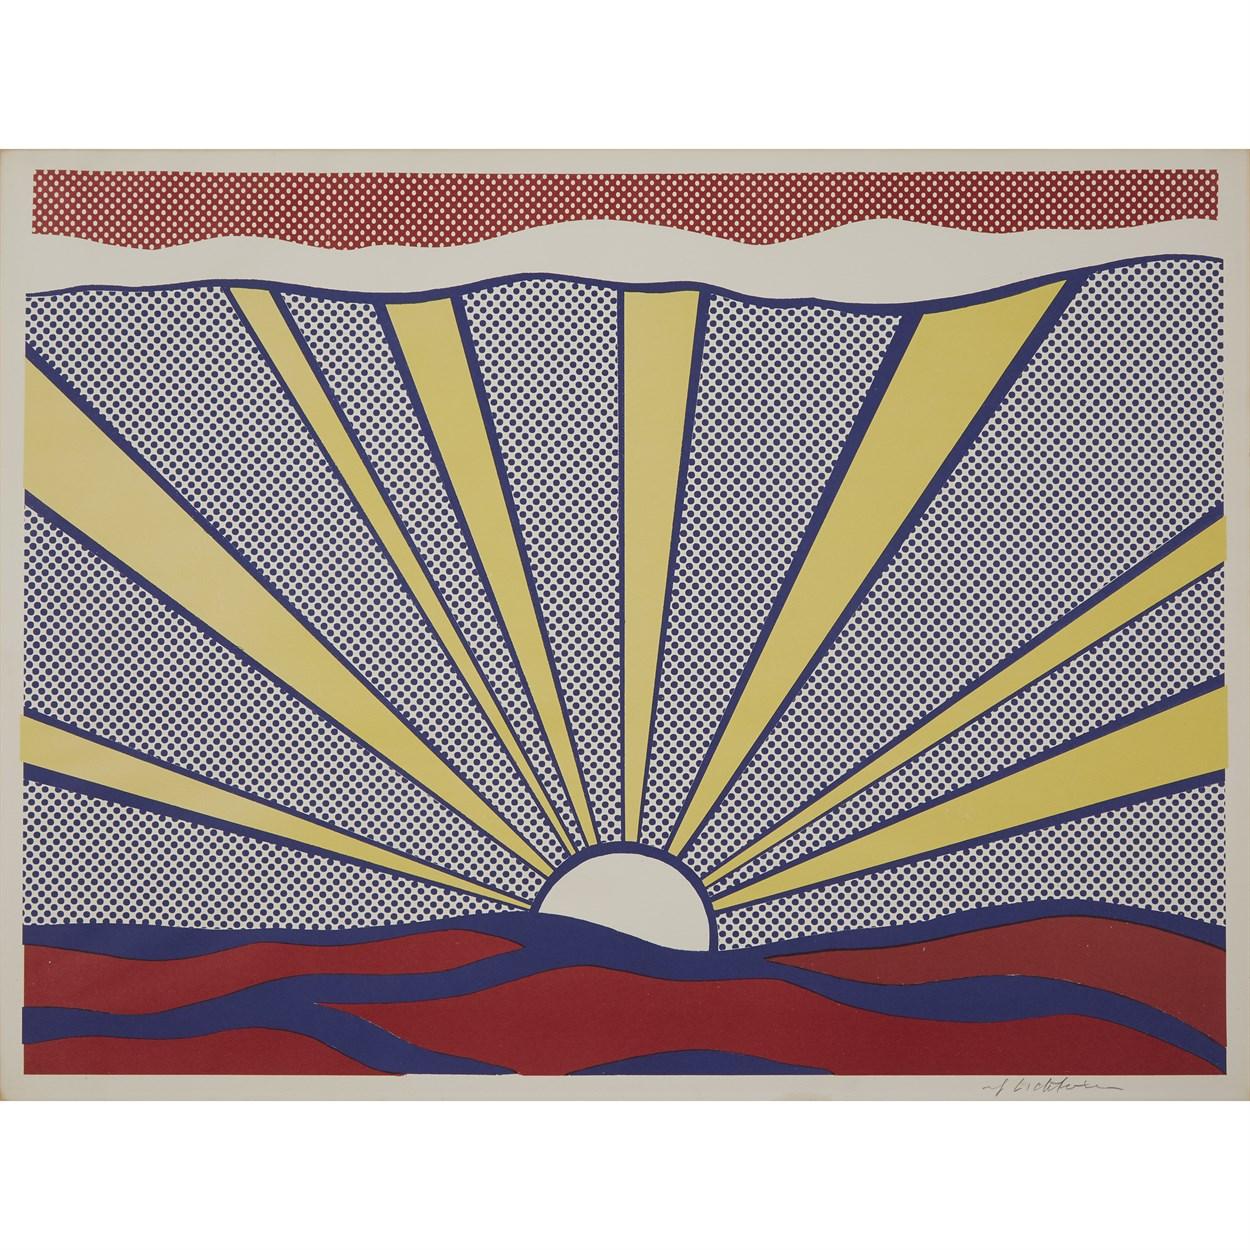 Lot 10 - Roy Lichtenstein (American, 1923-1997)